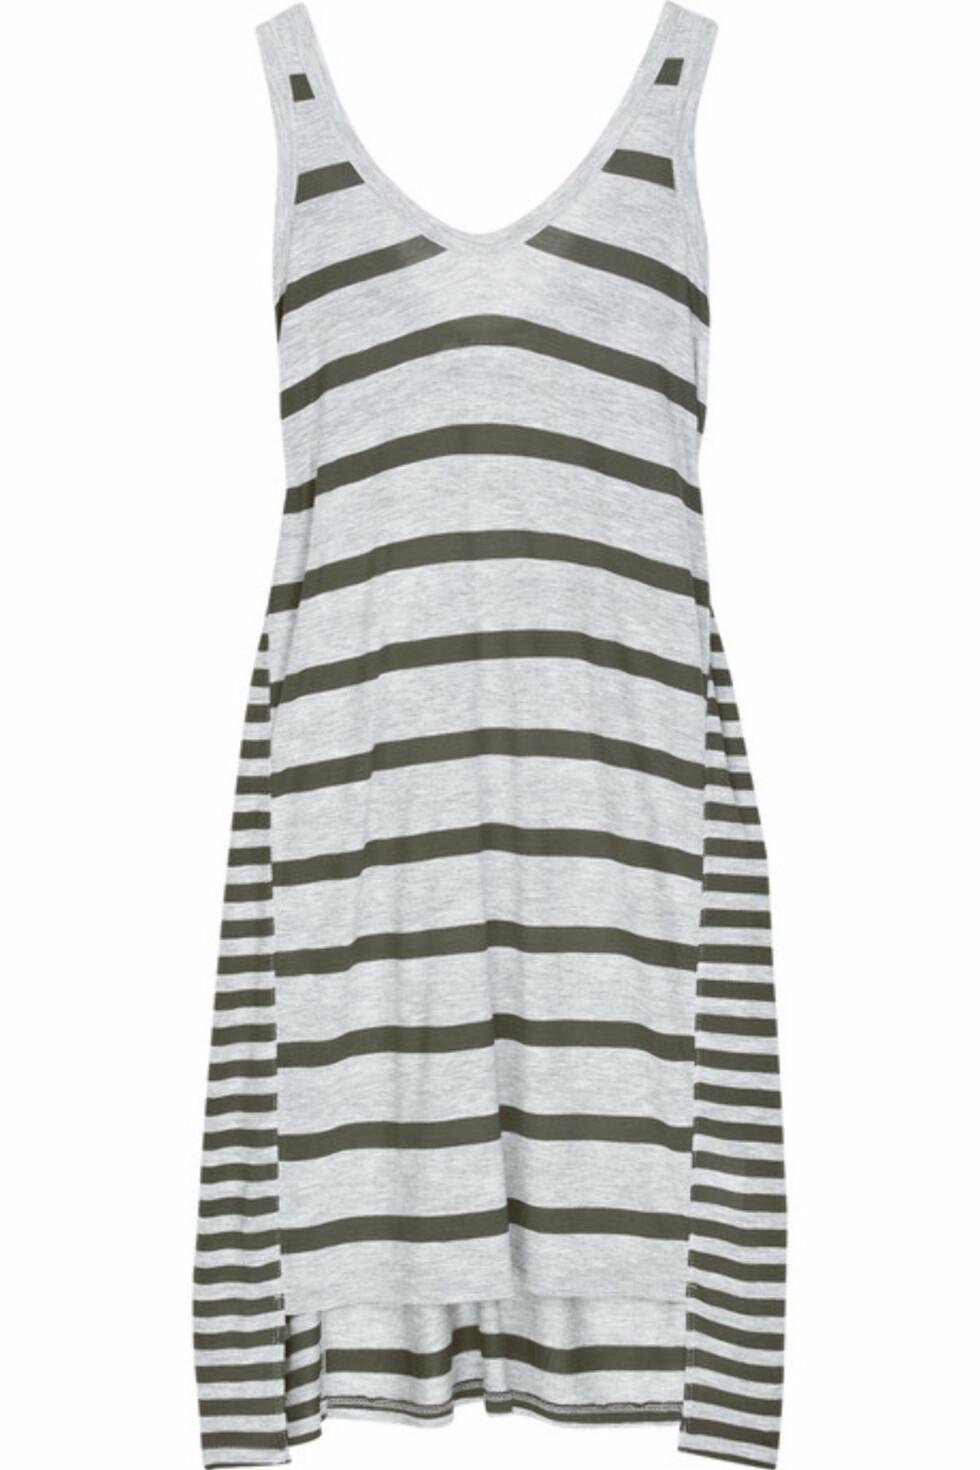 Denne stripete kjolen funker like bra til stranden som til hverdagsbruk (kr 1160, T by Alexander Wang/Net-a-Porter.com)